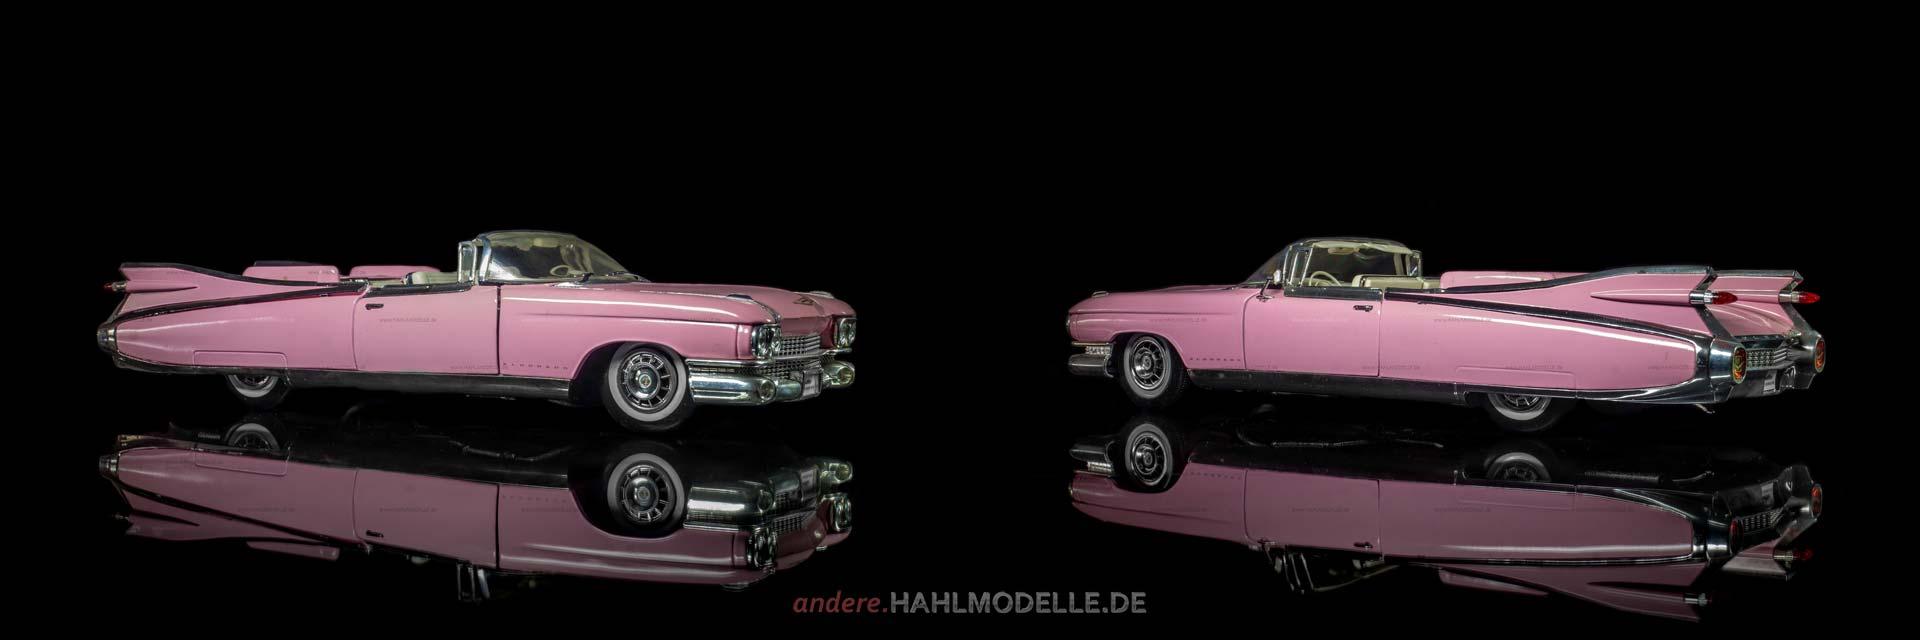 Cadillac Eldorado Biarritz Convertible | Cabriolet | Maisto | 1:18 | www.andere.hahlmodelle.de